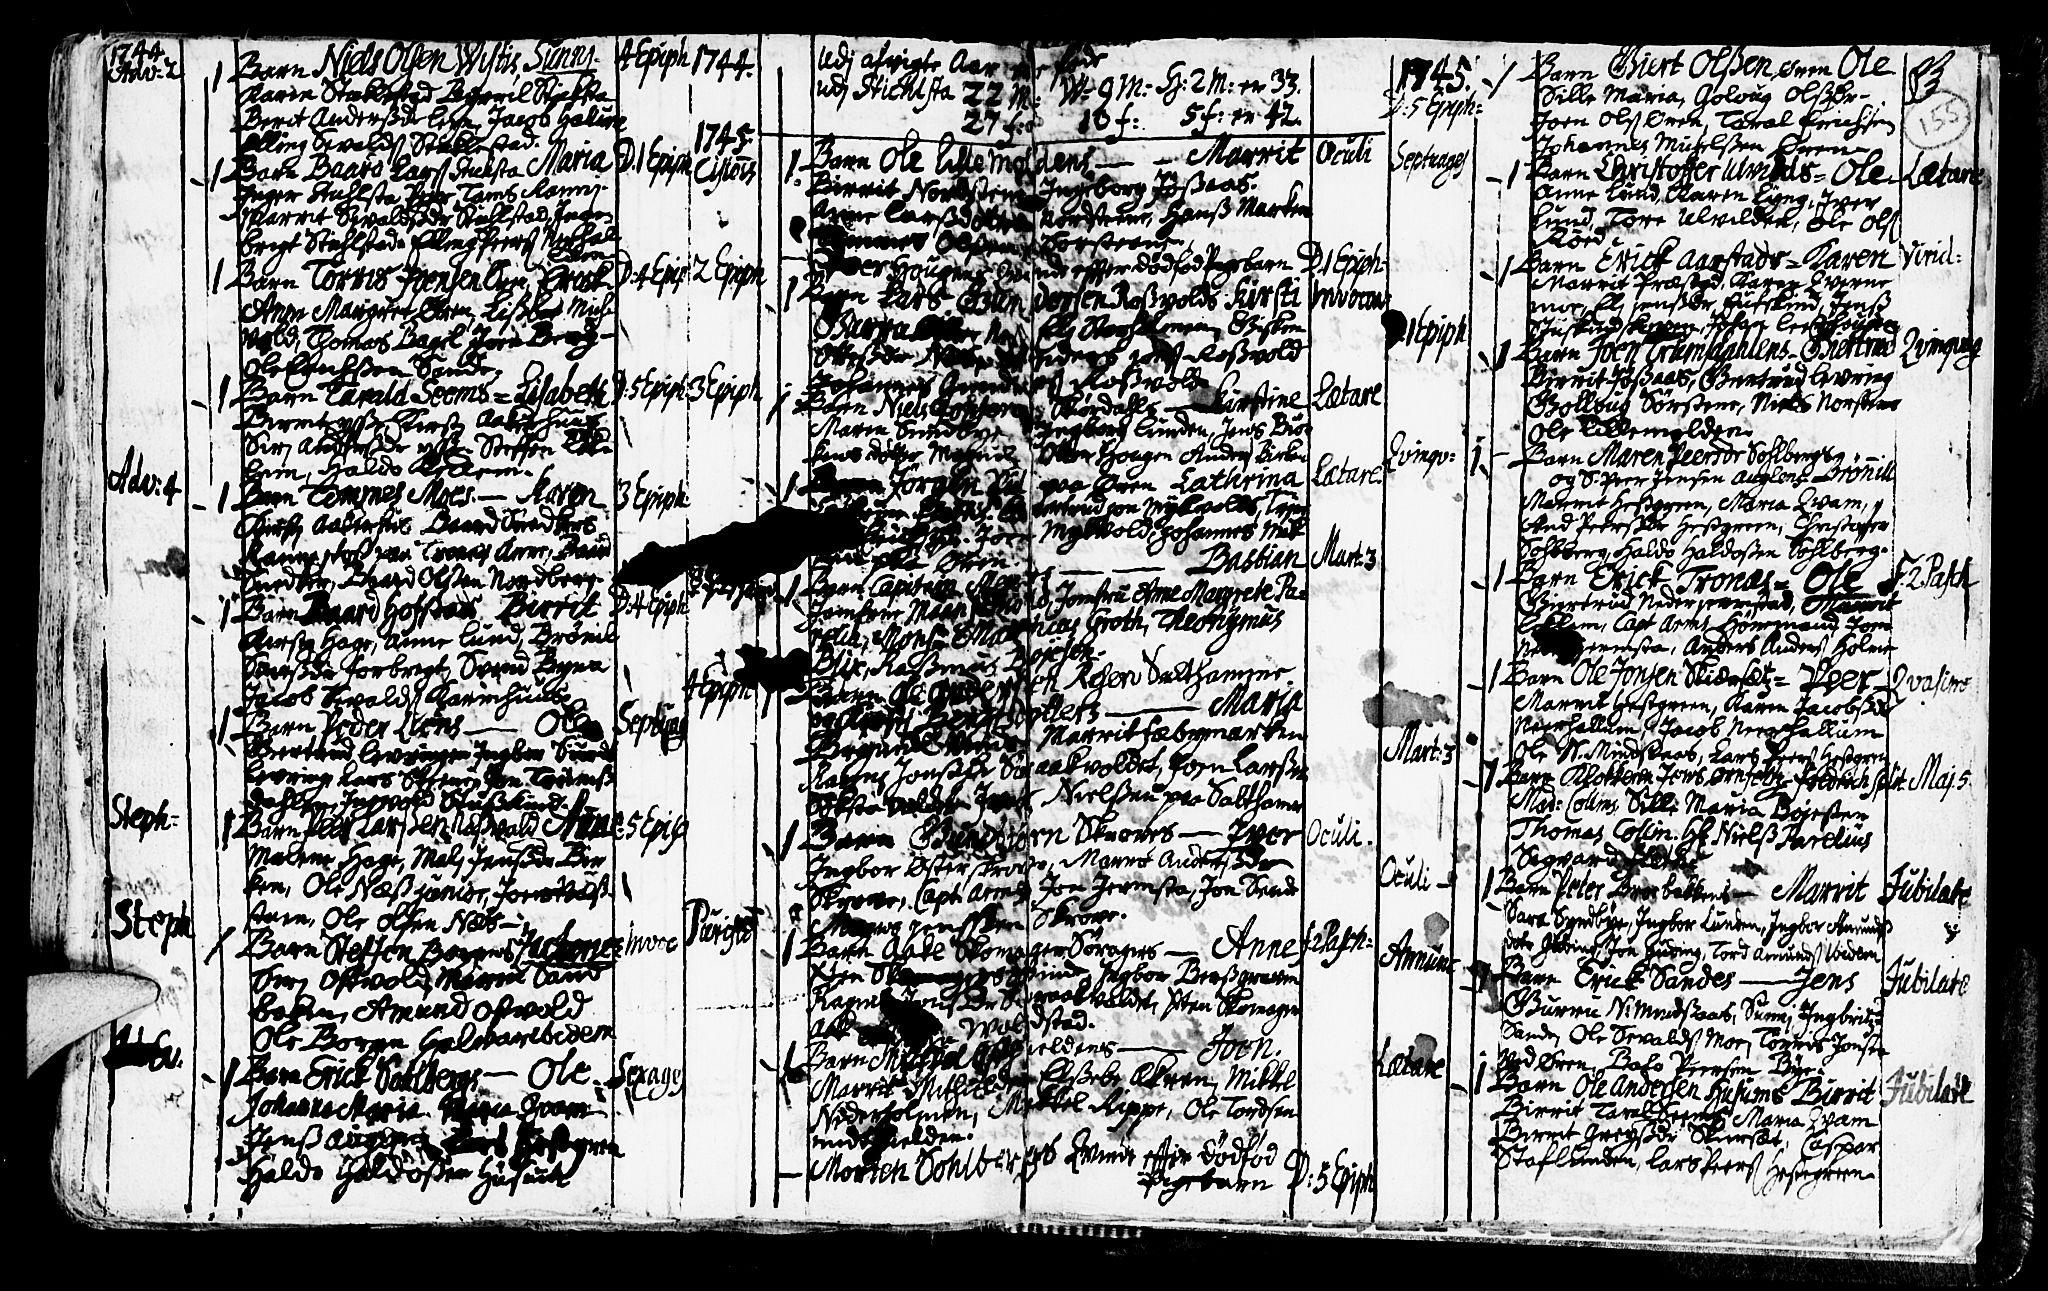 SAT, Ministerialprotokoller, klokkerbøker og fødselsregistre - Nord-Trøndelag, 723/L0230: Ministerialbok nr. 723A01, 1705-1747, s. 155